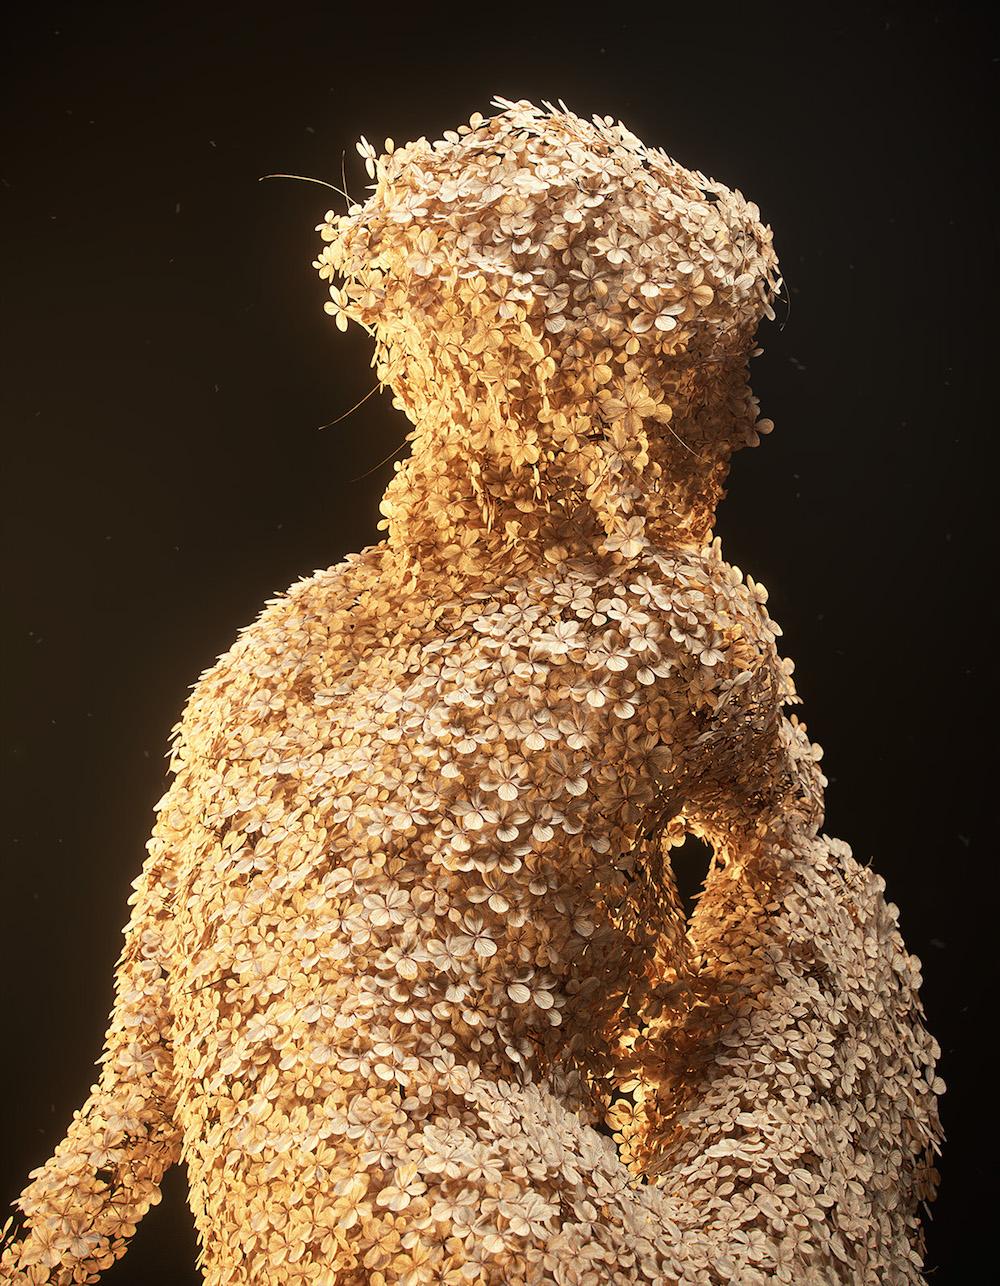 Digital Sculptures of Female Forms Rendered in Flowers by Jean-Michel Bihorel